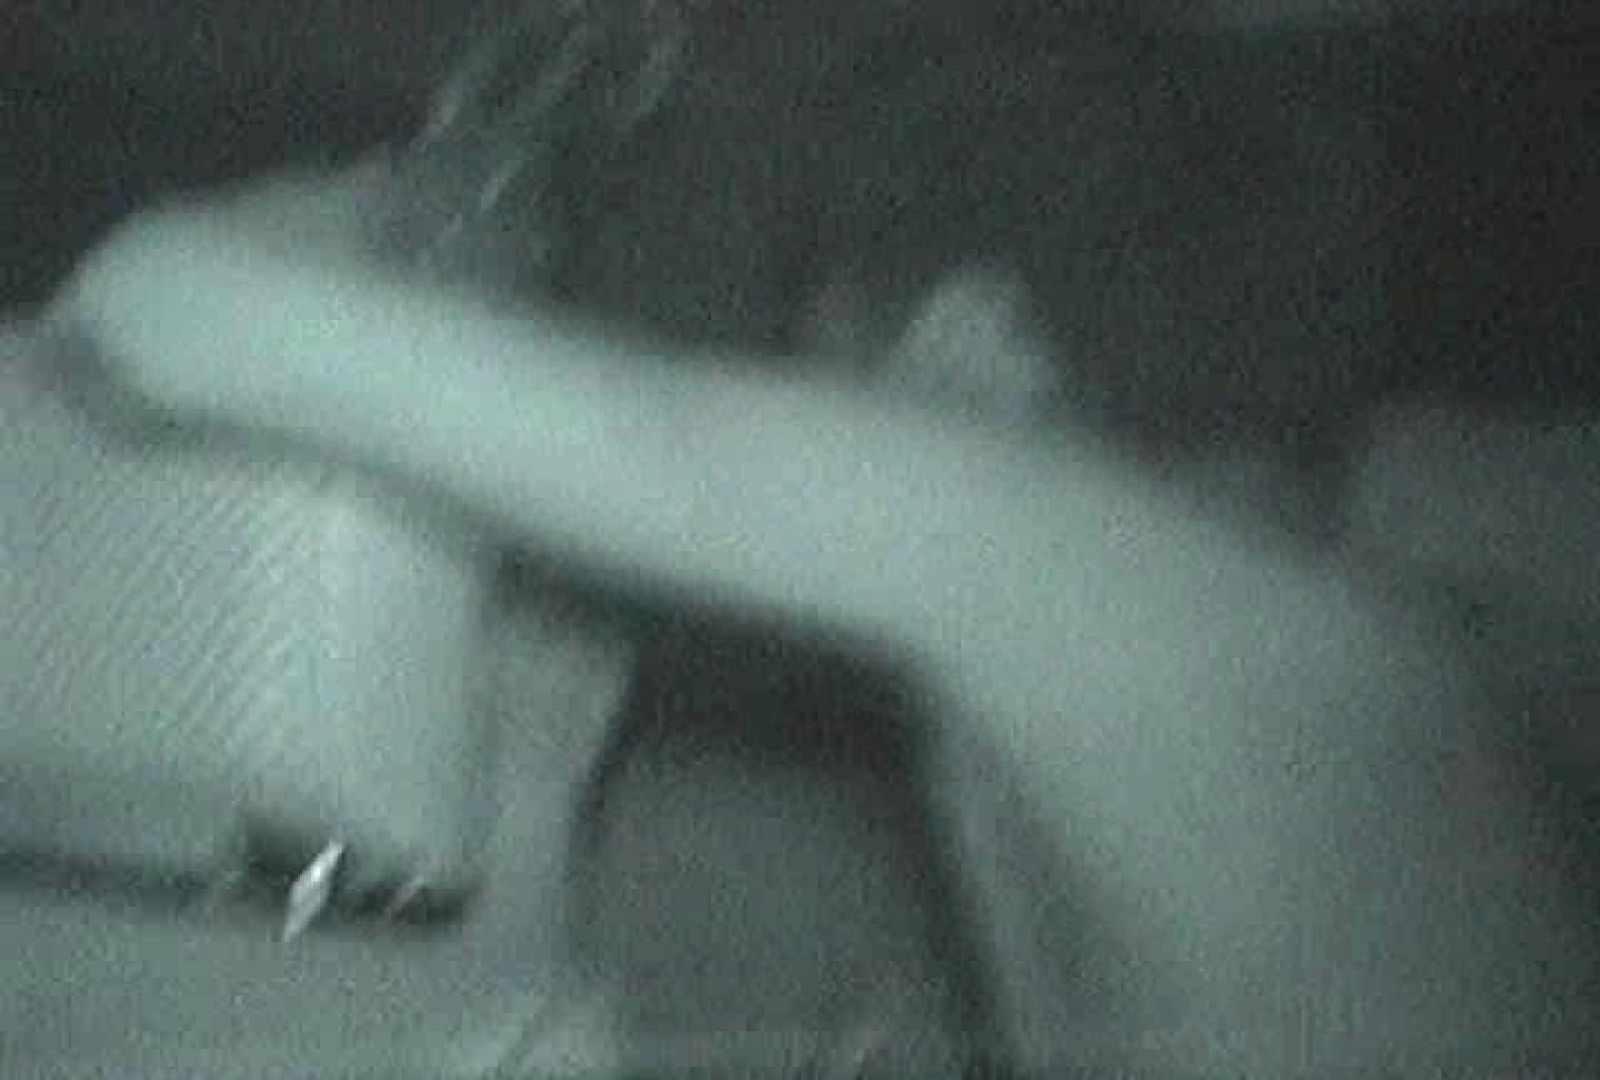 充血監督の深夜の運動会Vol.74 S級美女ギャル オマンコ動画キャプチャ 98画像 62